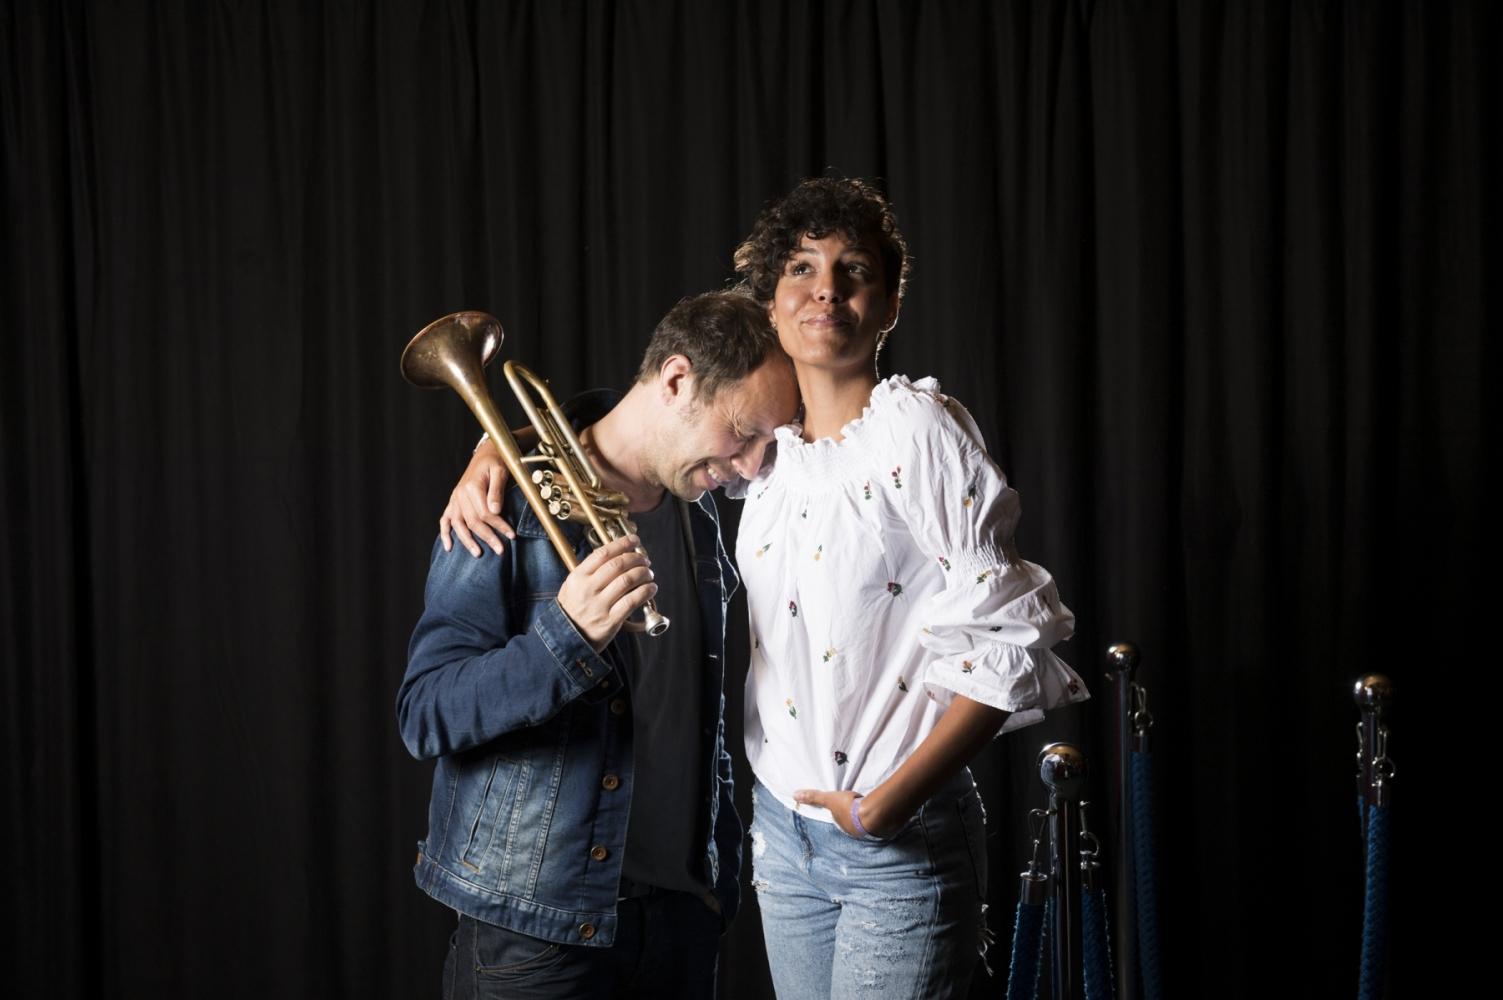 Marialy Pacheco & Joo Kraus